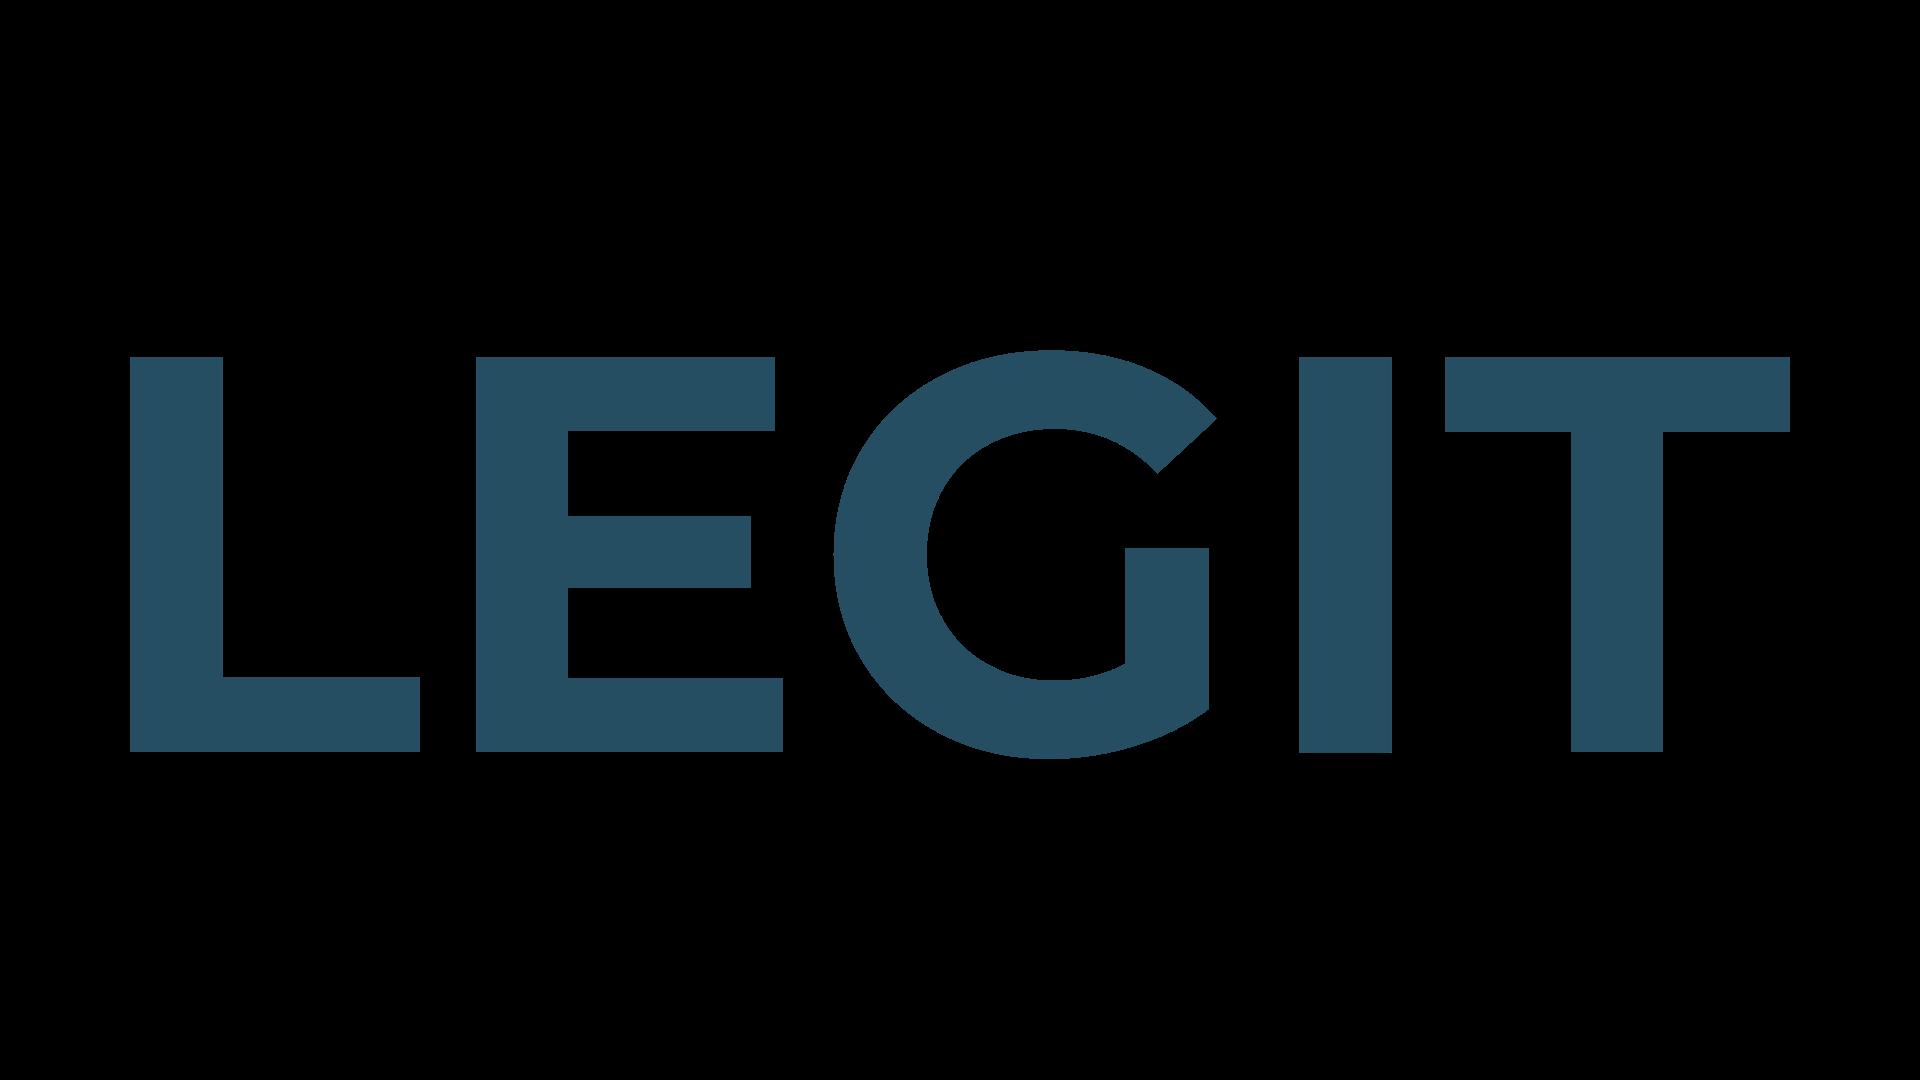 Legit Logo.png